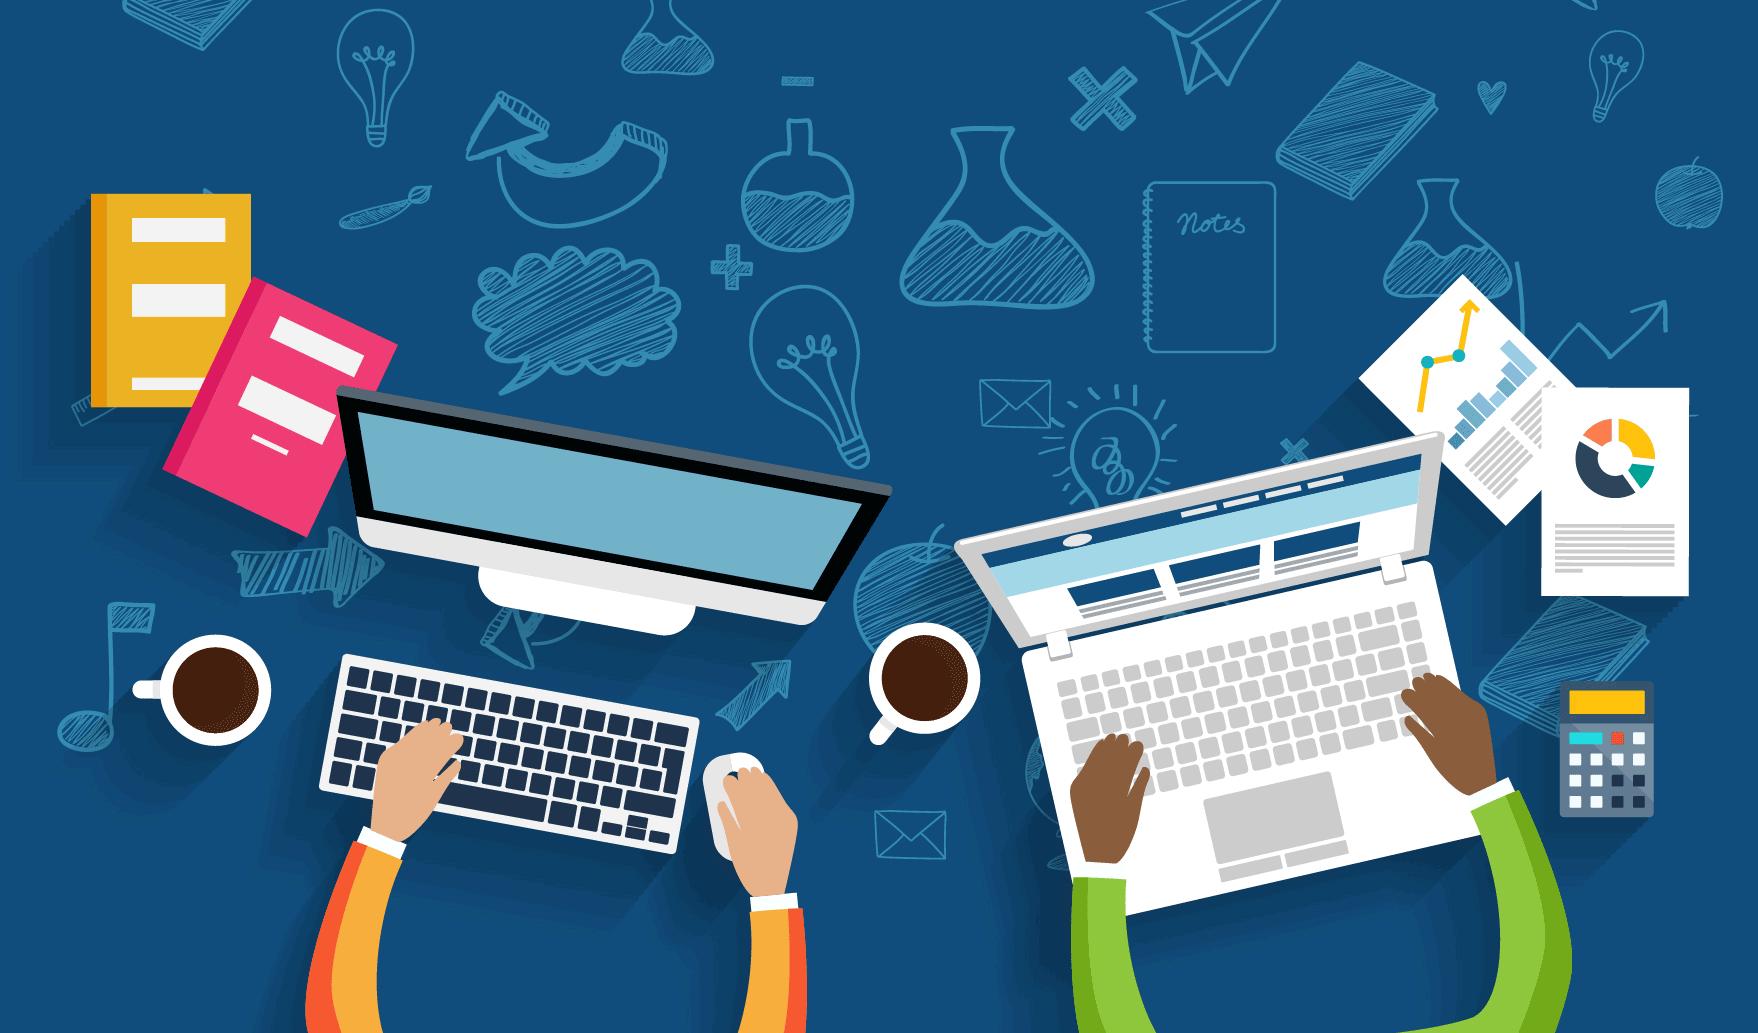 چرا طراحی وب مهم است؟